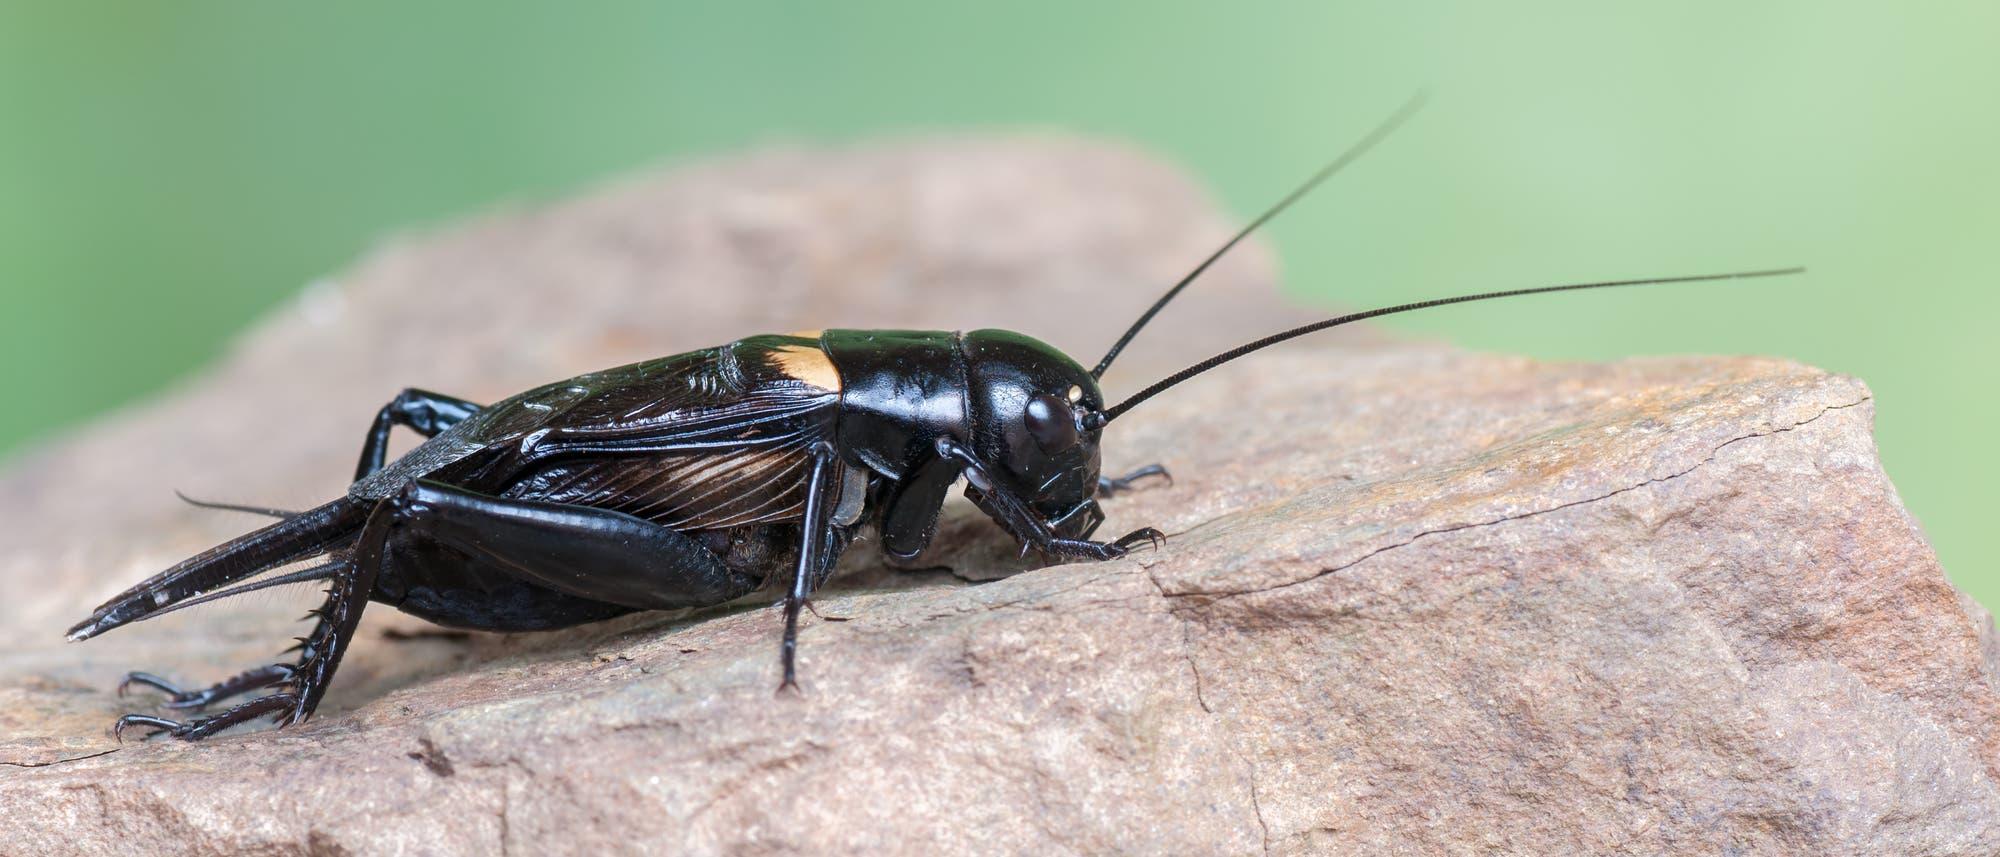 Männliche Feldgrillen (Gryllus bimaculatus) musizieren in der Nacht, um Weibchen anzulocken.